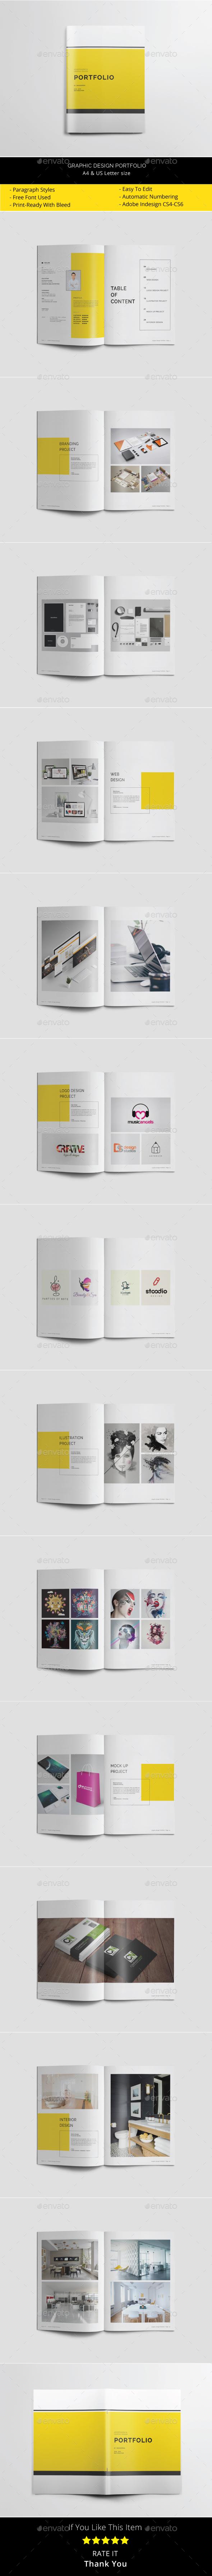 Graphic Design Portfolio - Portfolio Brochures